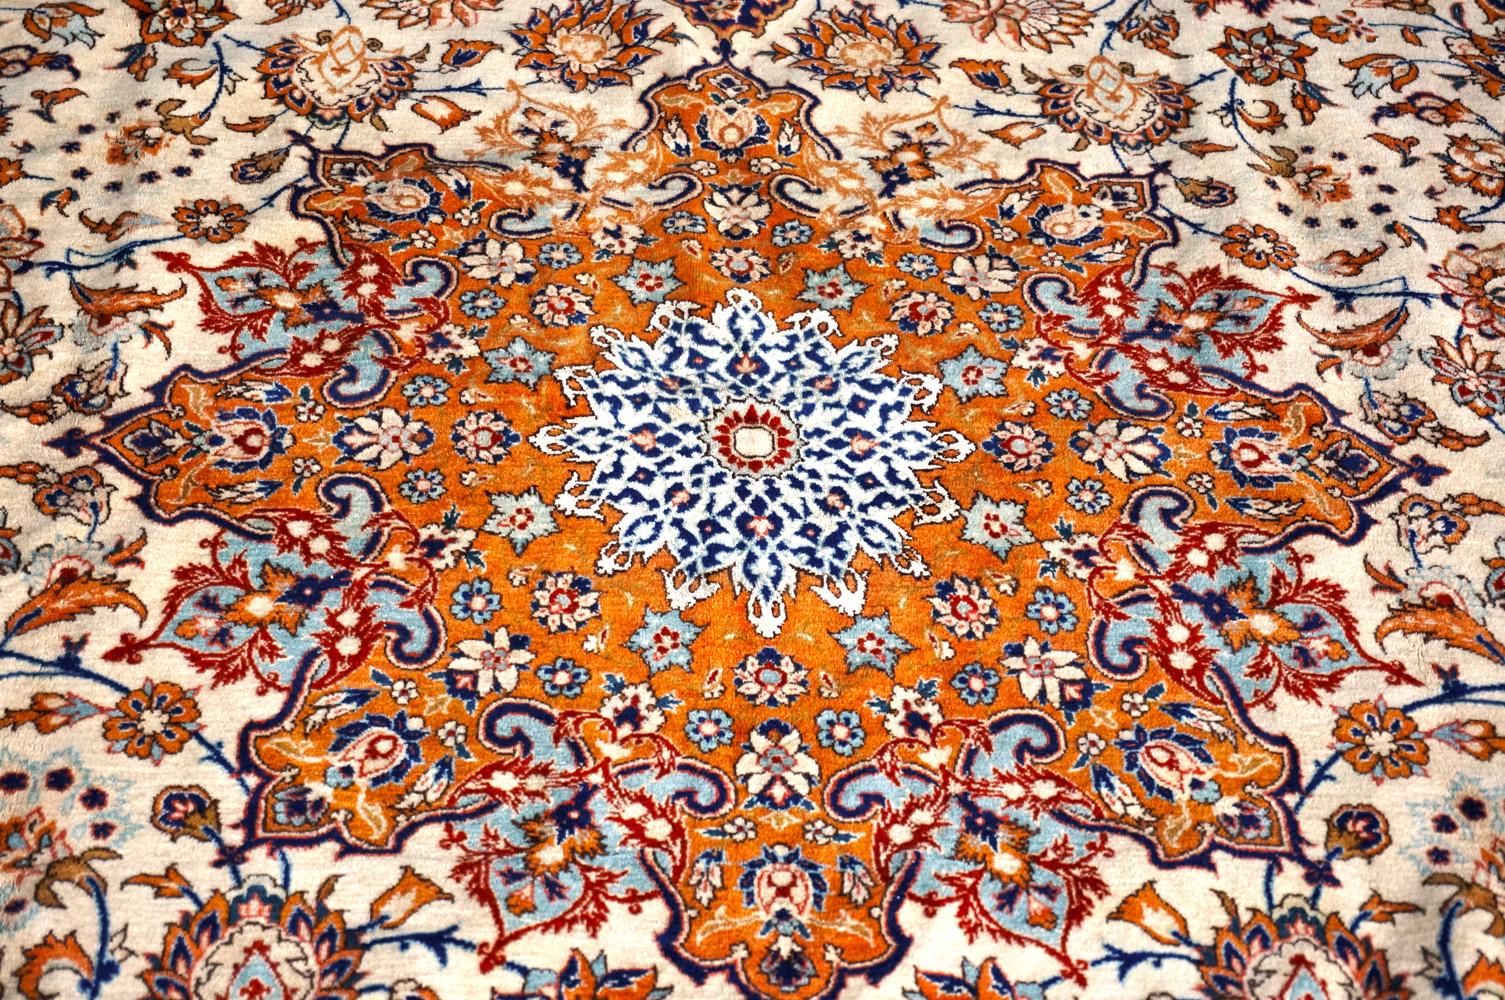 ペルシャ製 c1920 イスファハン 絨毯 中央部